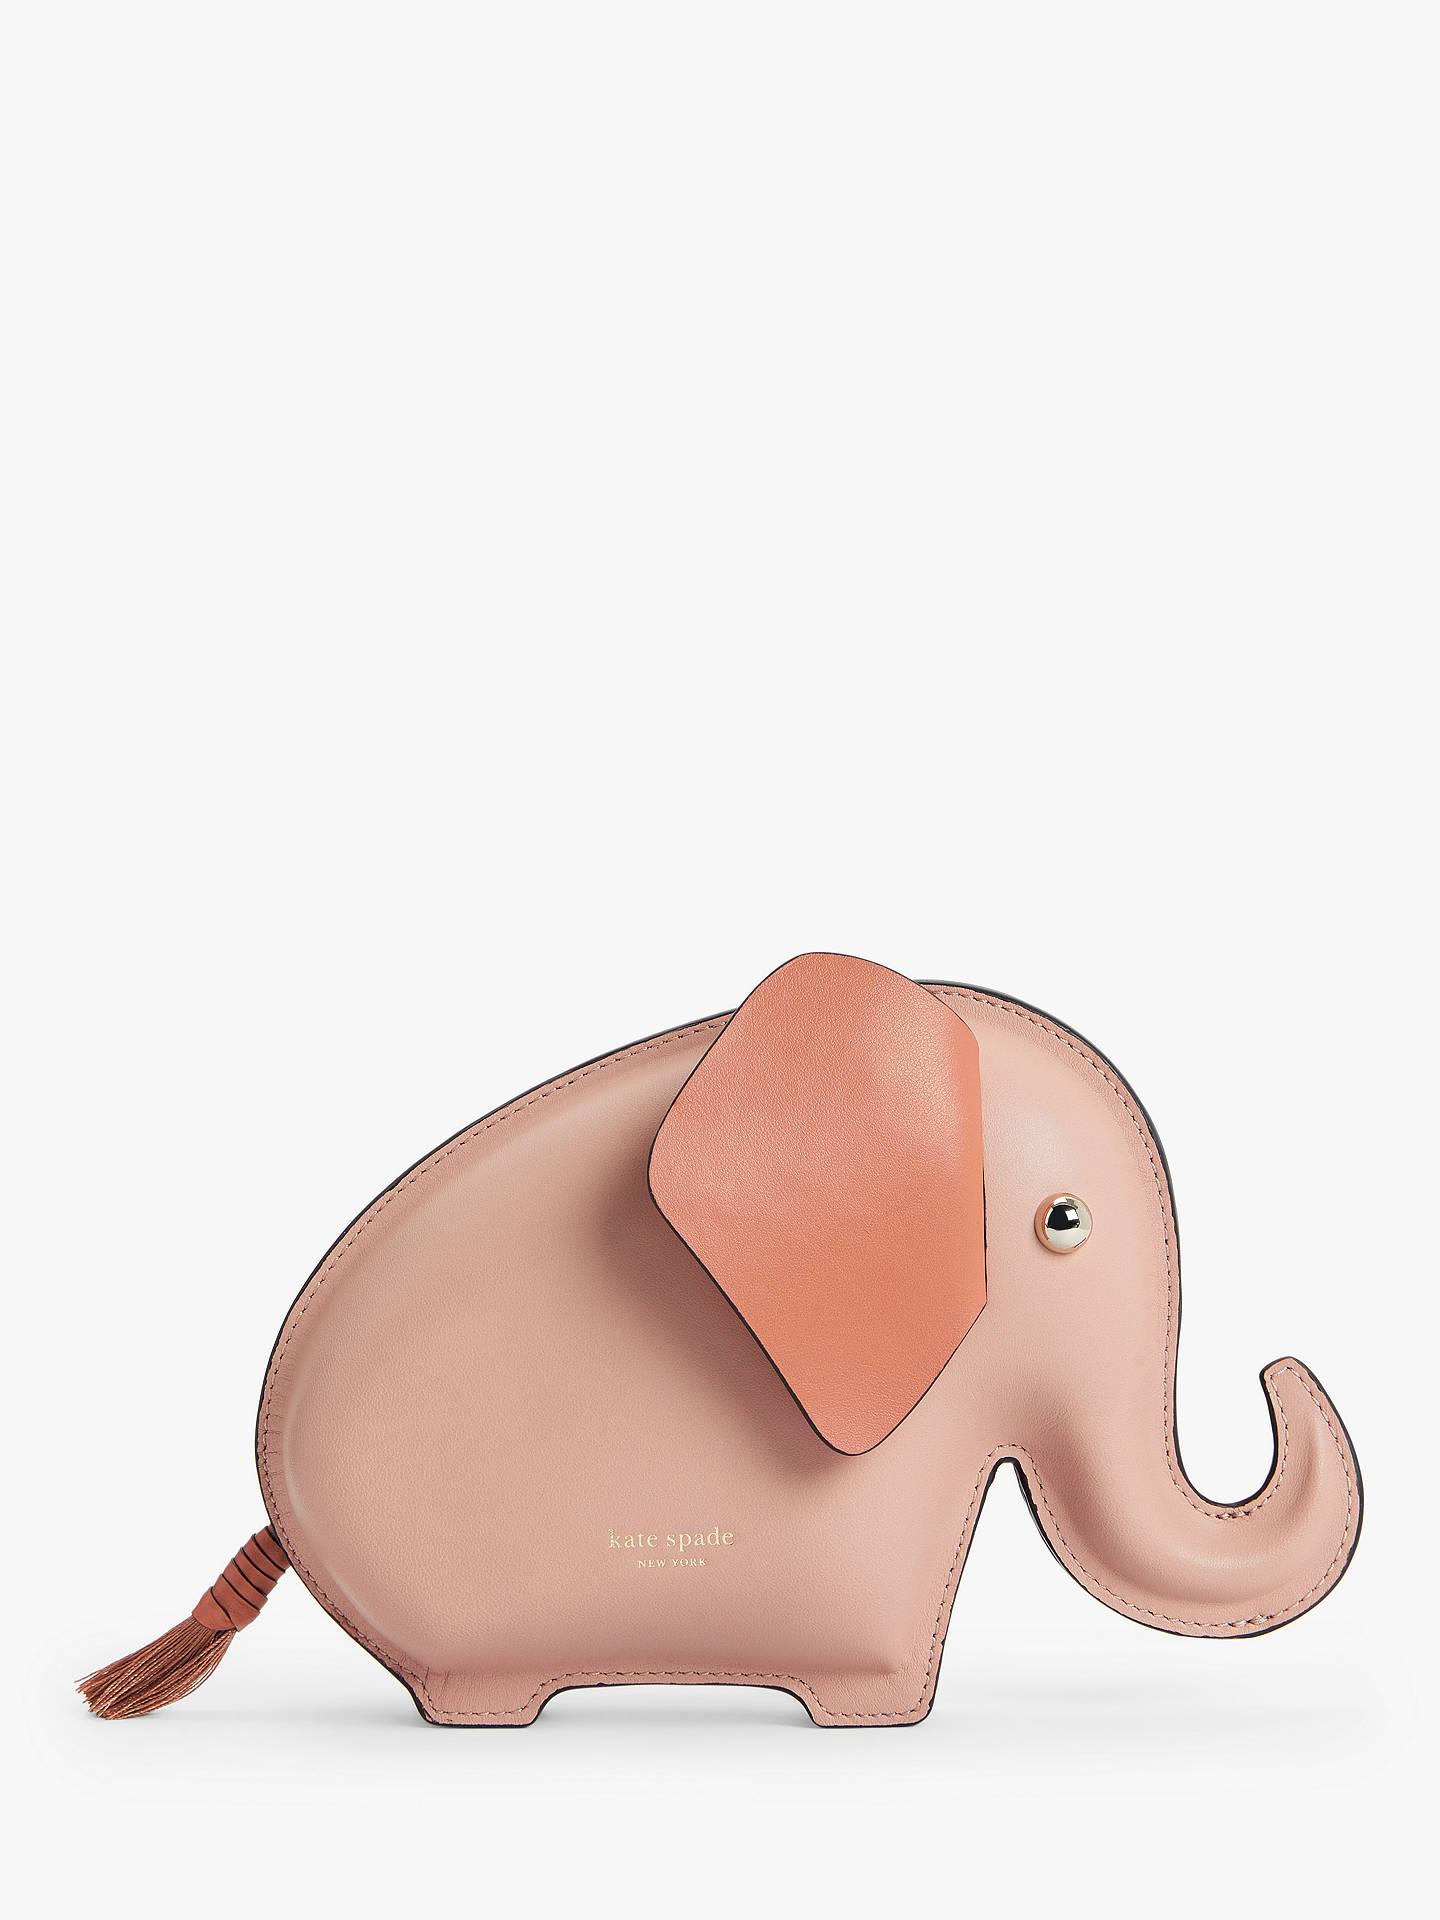 ladies Girls Animal Elephant Leather Fashion Money Coin Purses Novelty Gift